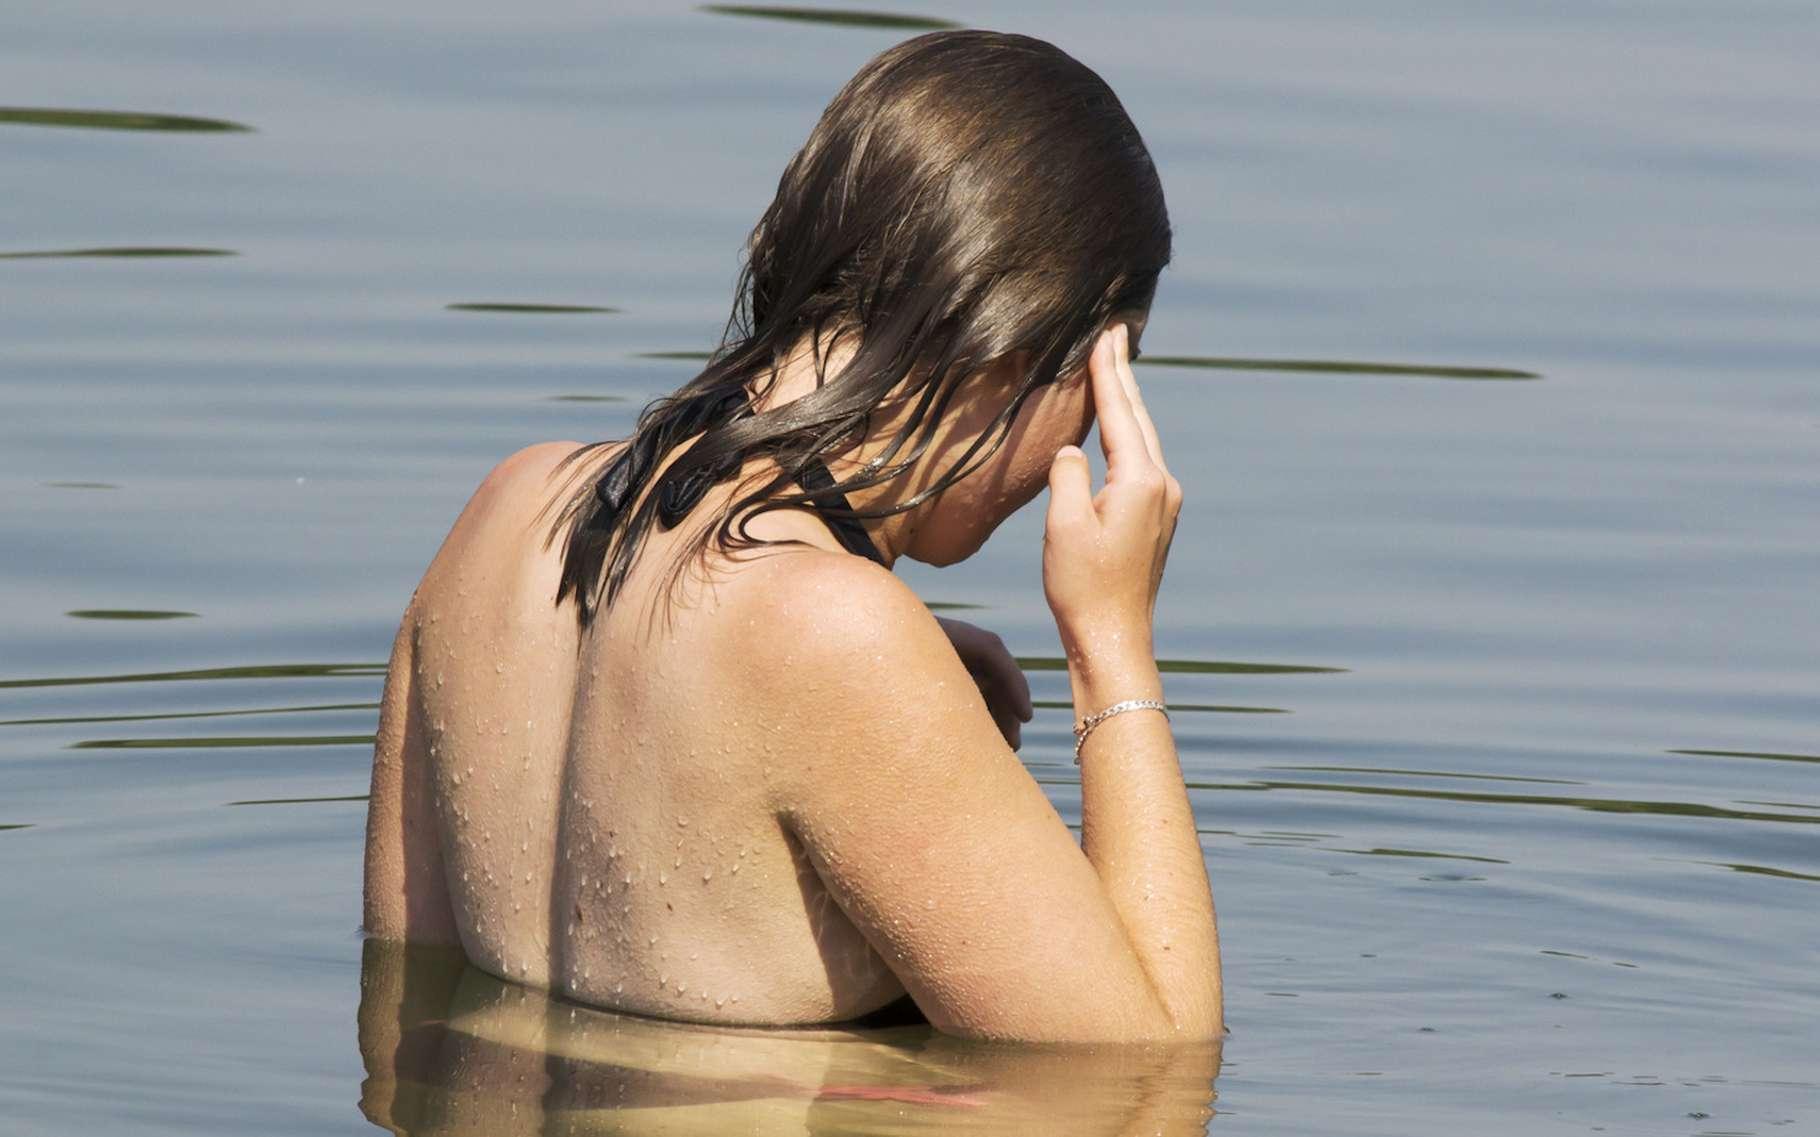 À l'heure de la baignade, les enfants et les personnes âgées risquent plus l'hydrocution (ou choc thermique). © brimeux, Fotolia